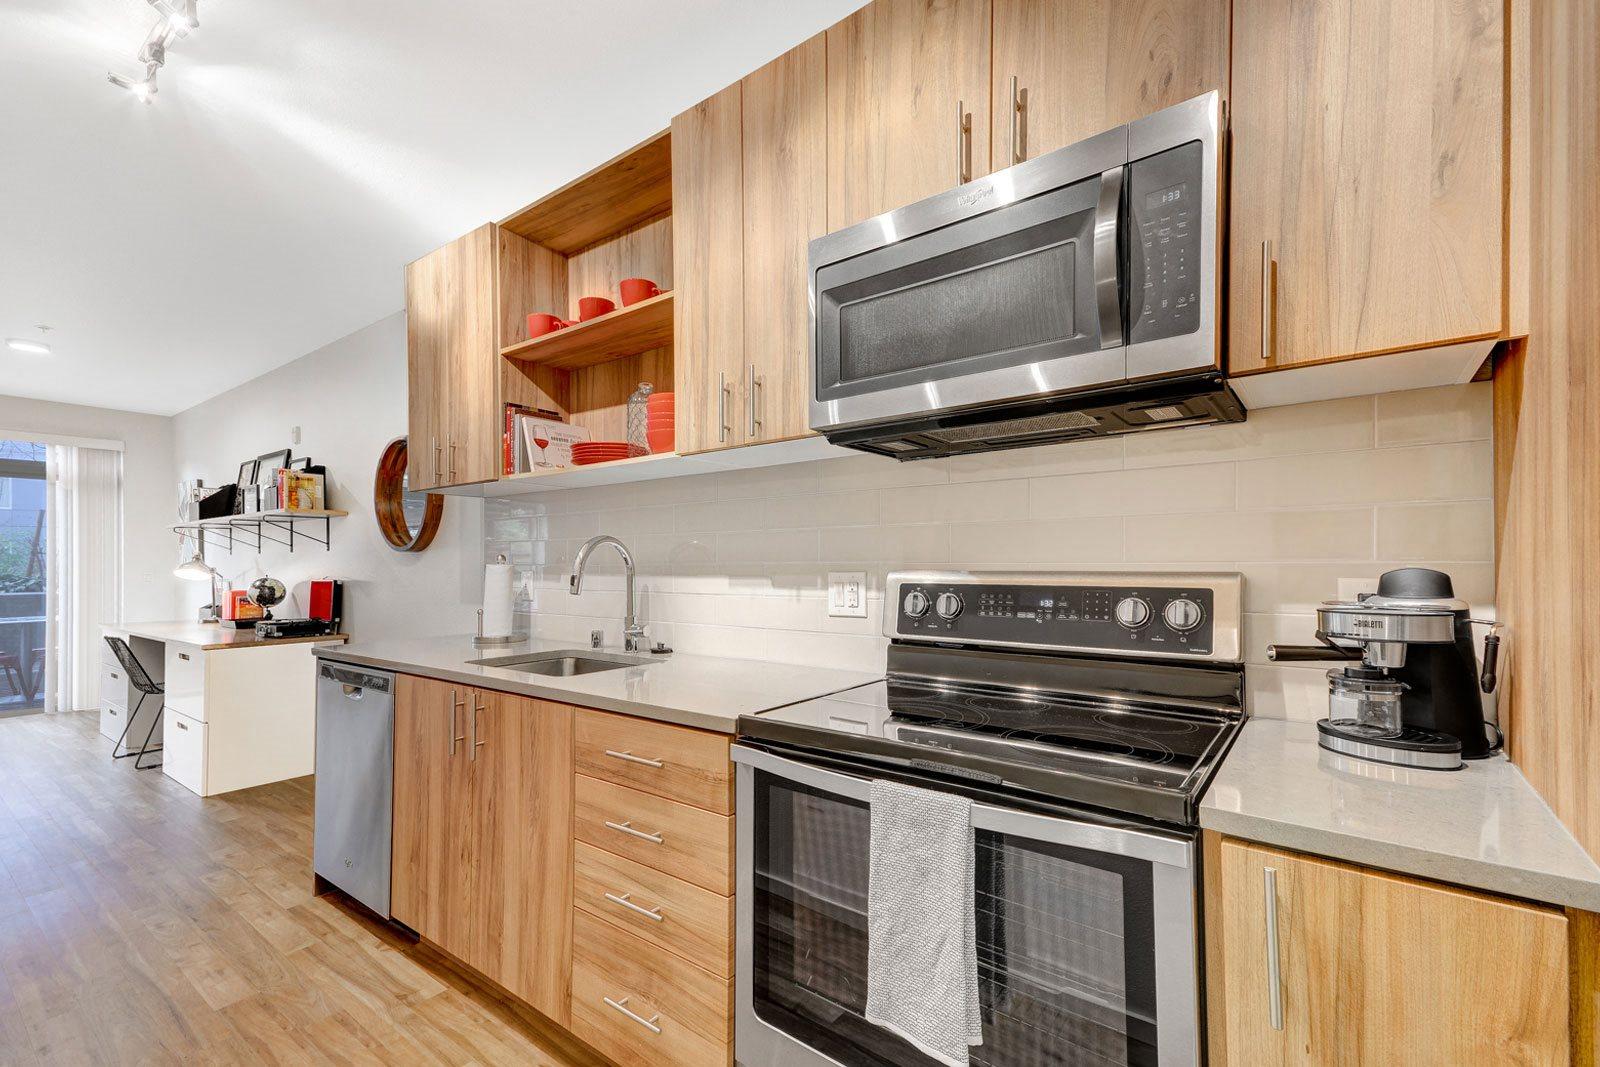 Abundant Cabinet Space at The Whittaker, 98116, WA